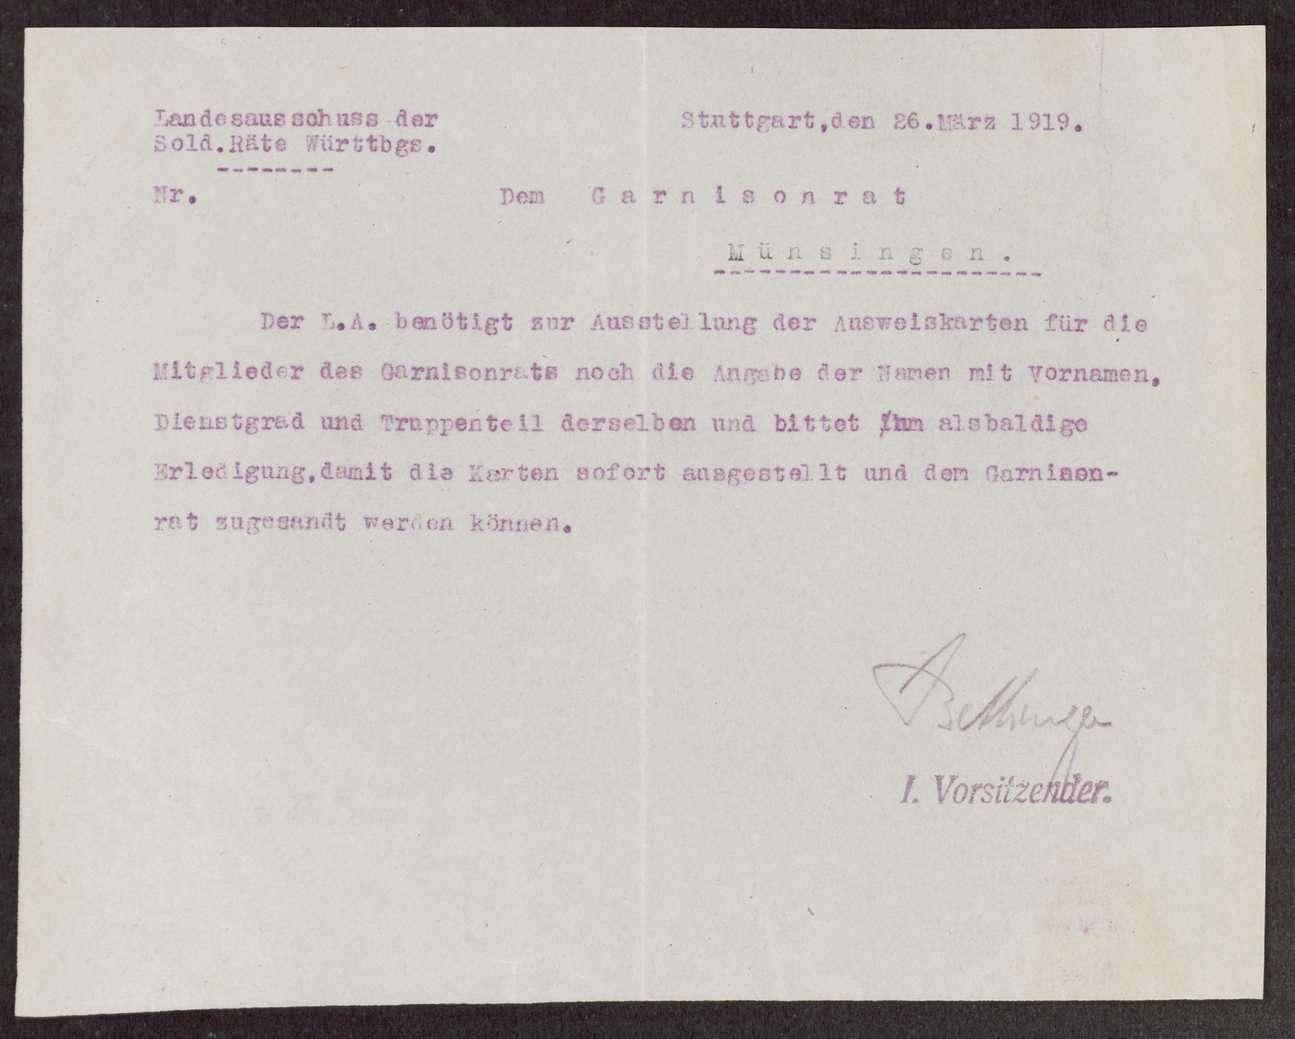 Garnisonsrat Münsingen: Zusammensetzung, Aufhebung, Bild 1